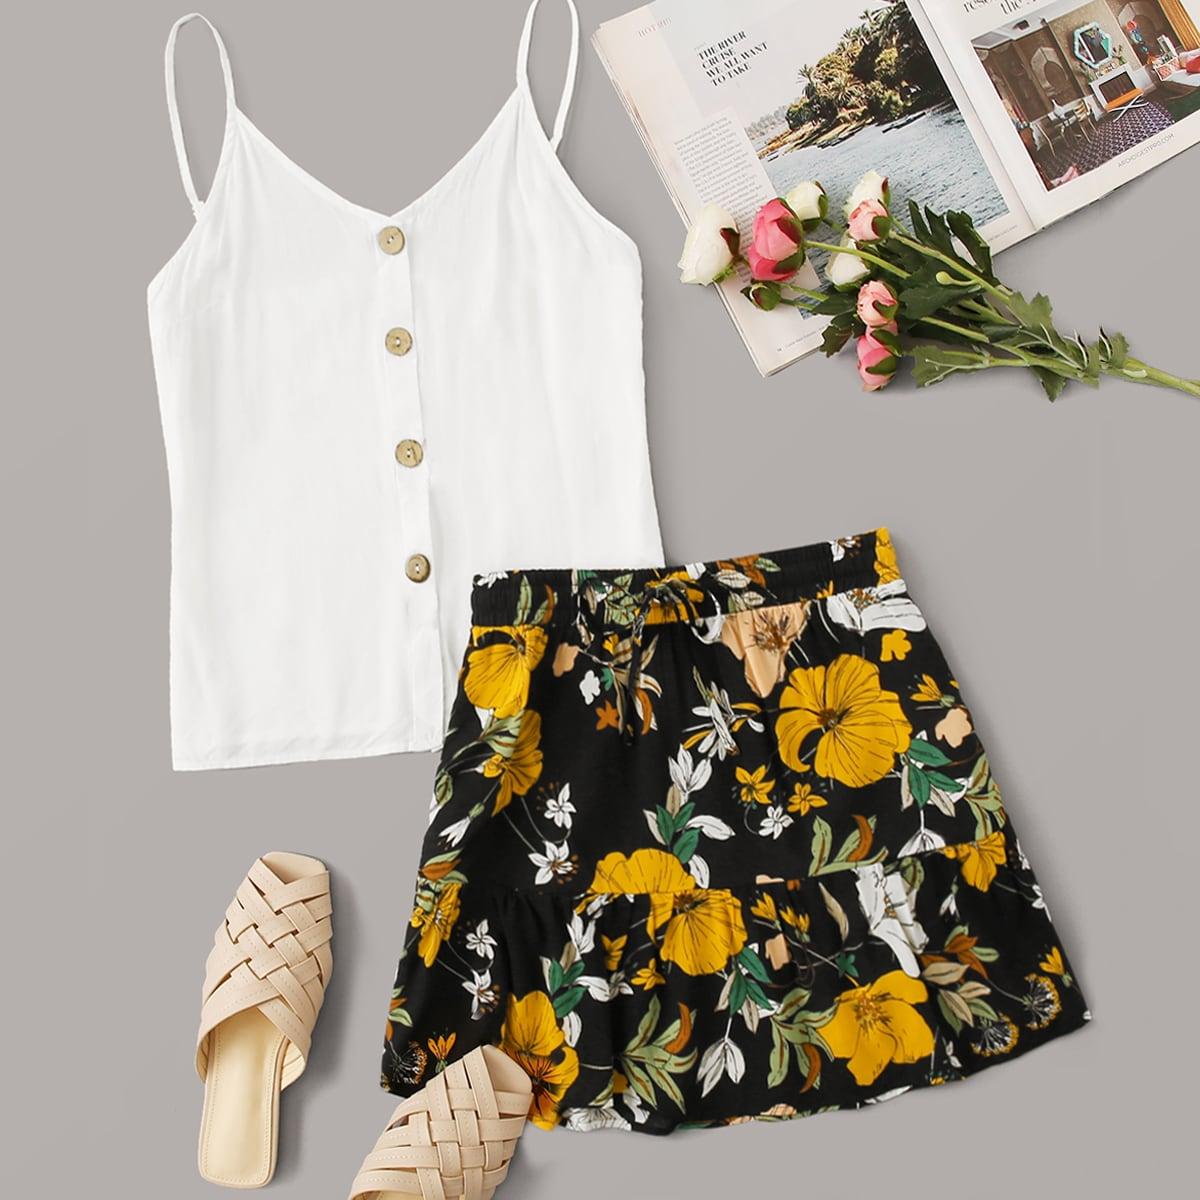 Цветочная юбка и топ с пуговицами размера плюс фото